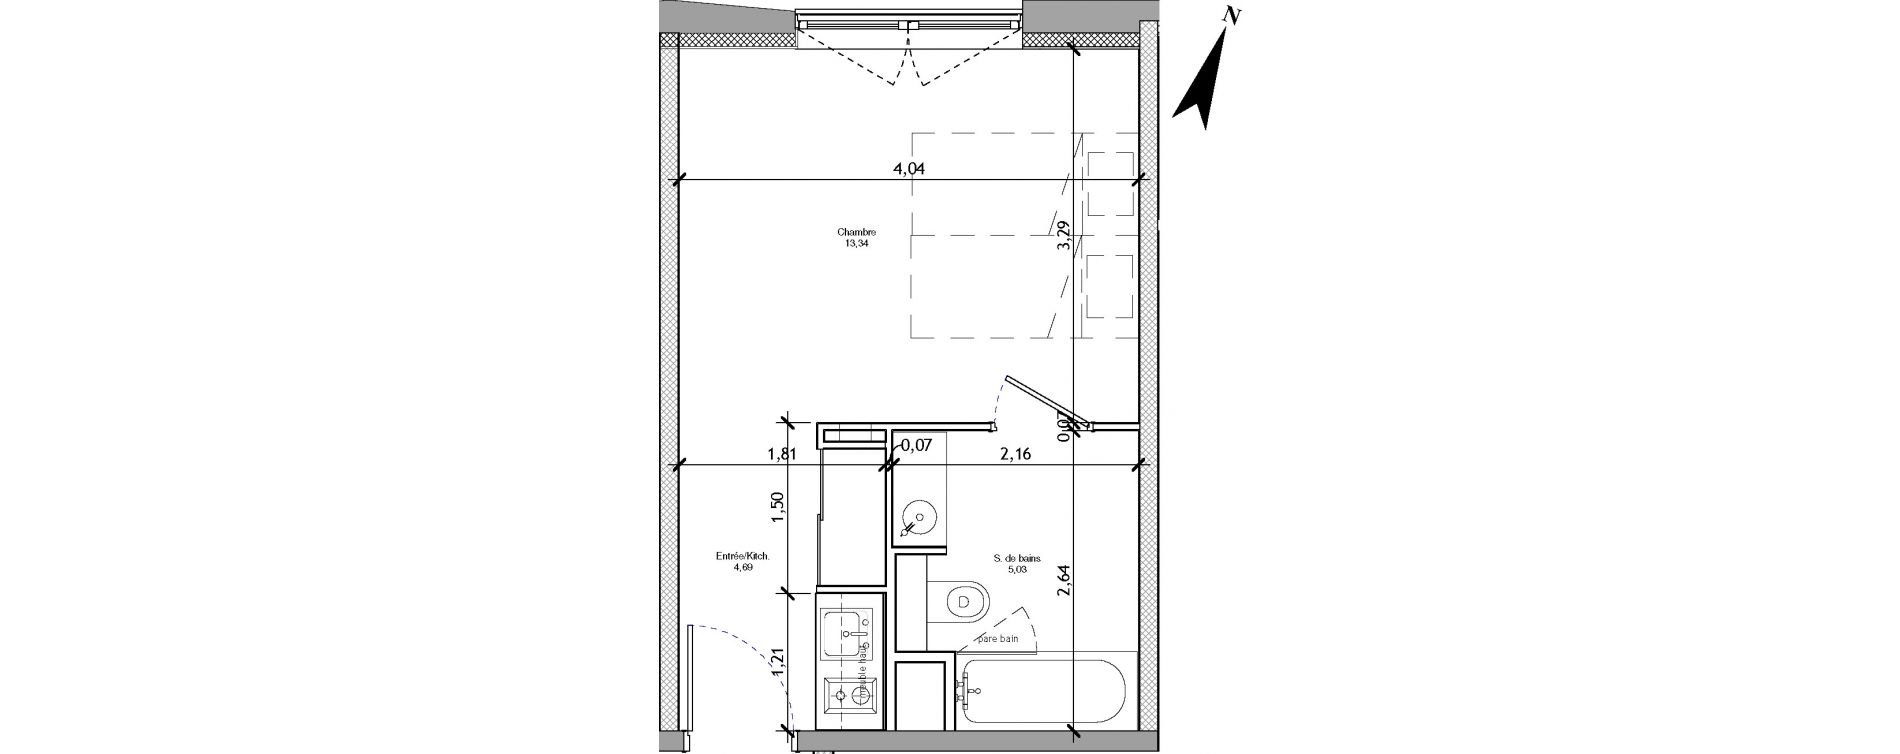 Appartement T1 meublé de 23,06 m2 à Angers La fayette-eble